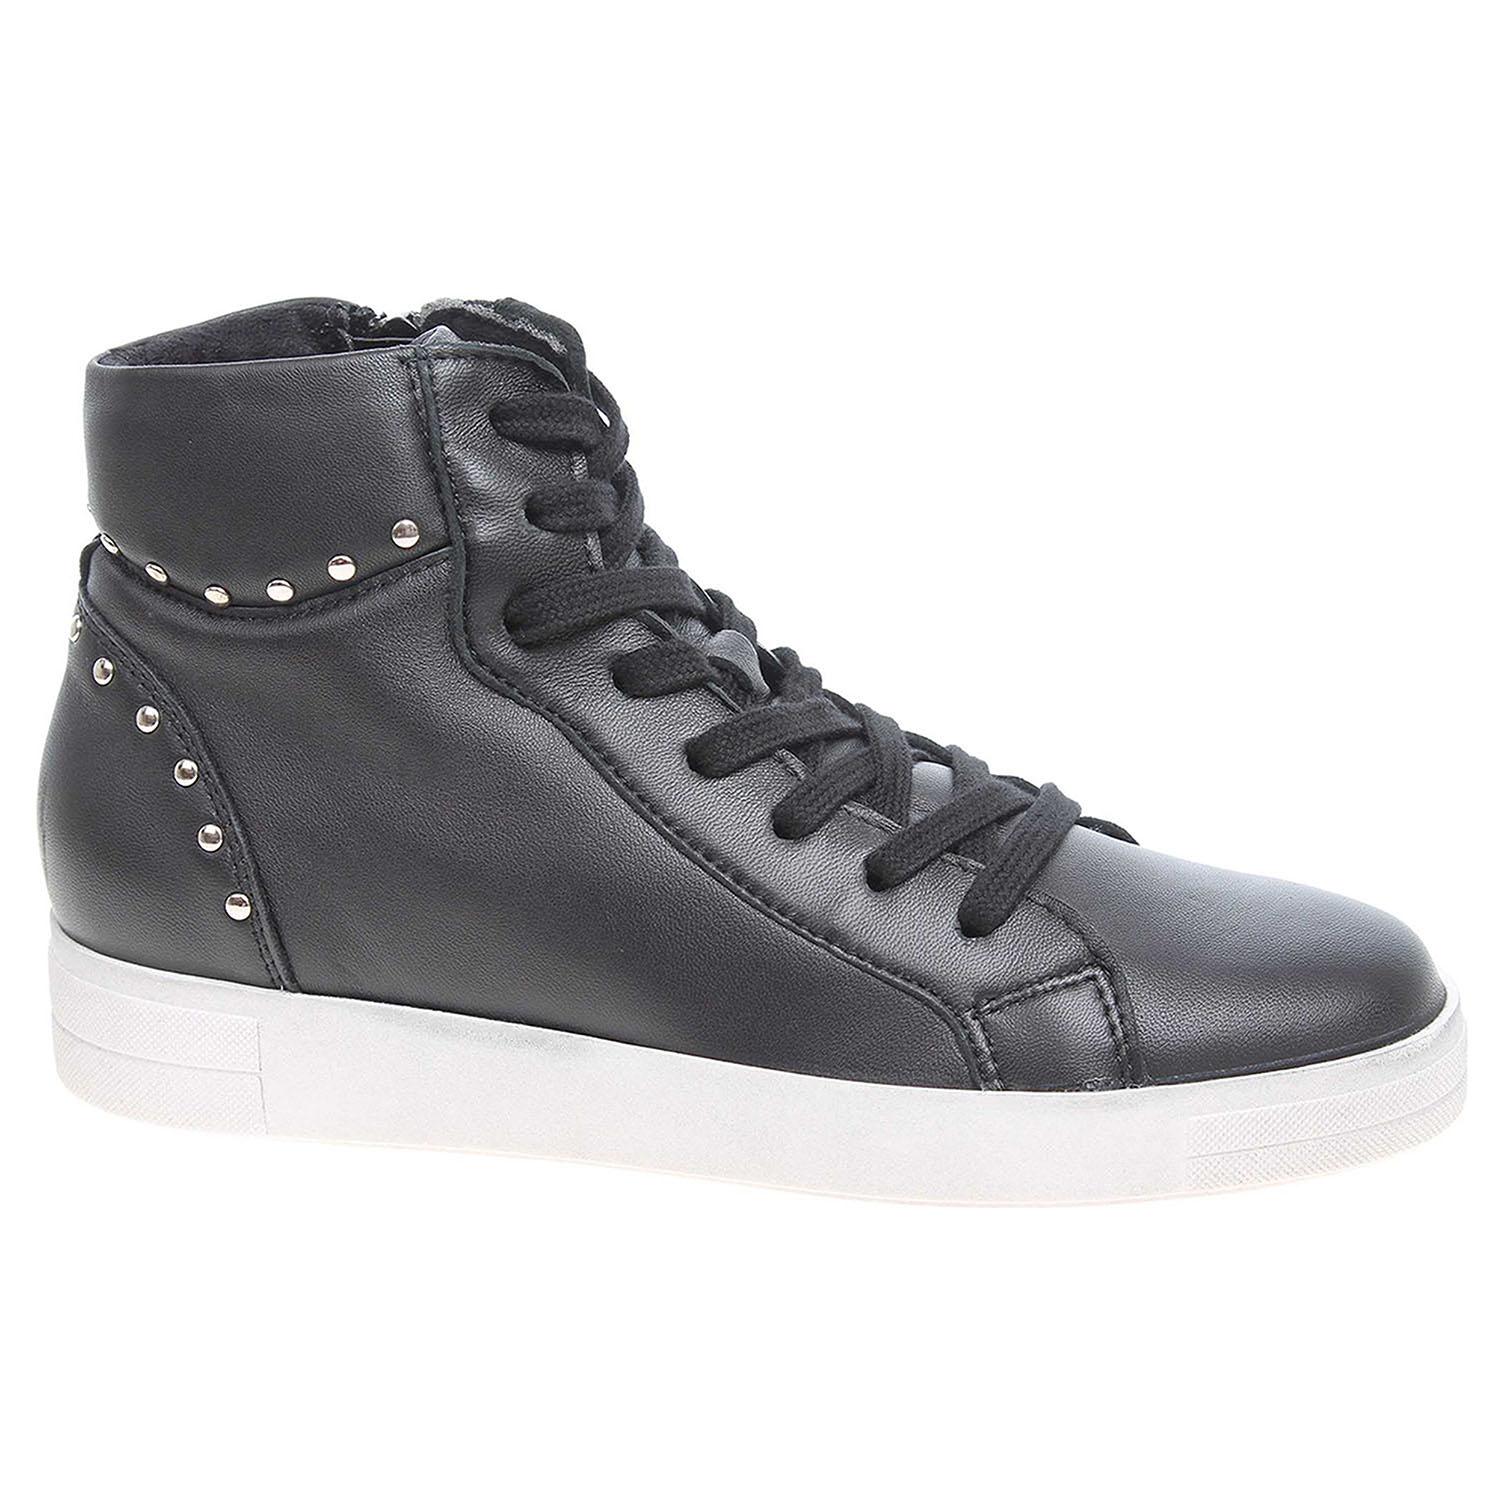 Dámská kotníková obuv Tamaris 1-25779-39 black 1-1-25779-39 001 39